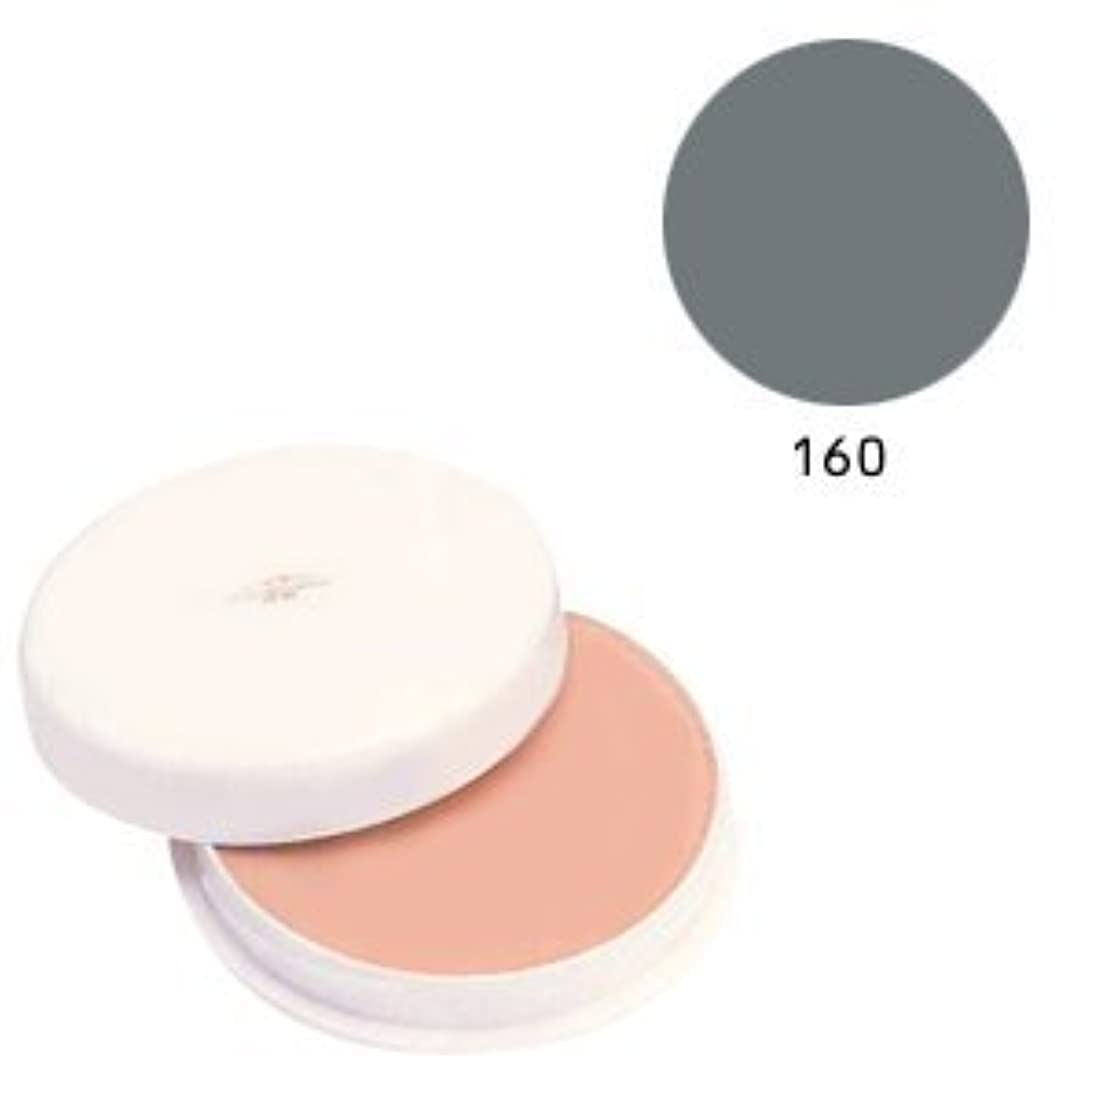 袋アナリストエンディング三善 フェースケーキ ファンデーション コスプレメイク 160 カラー:ネイビー系 (C)